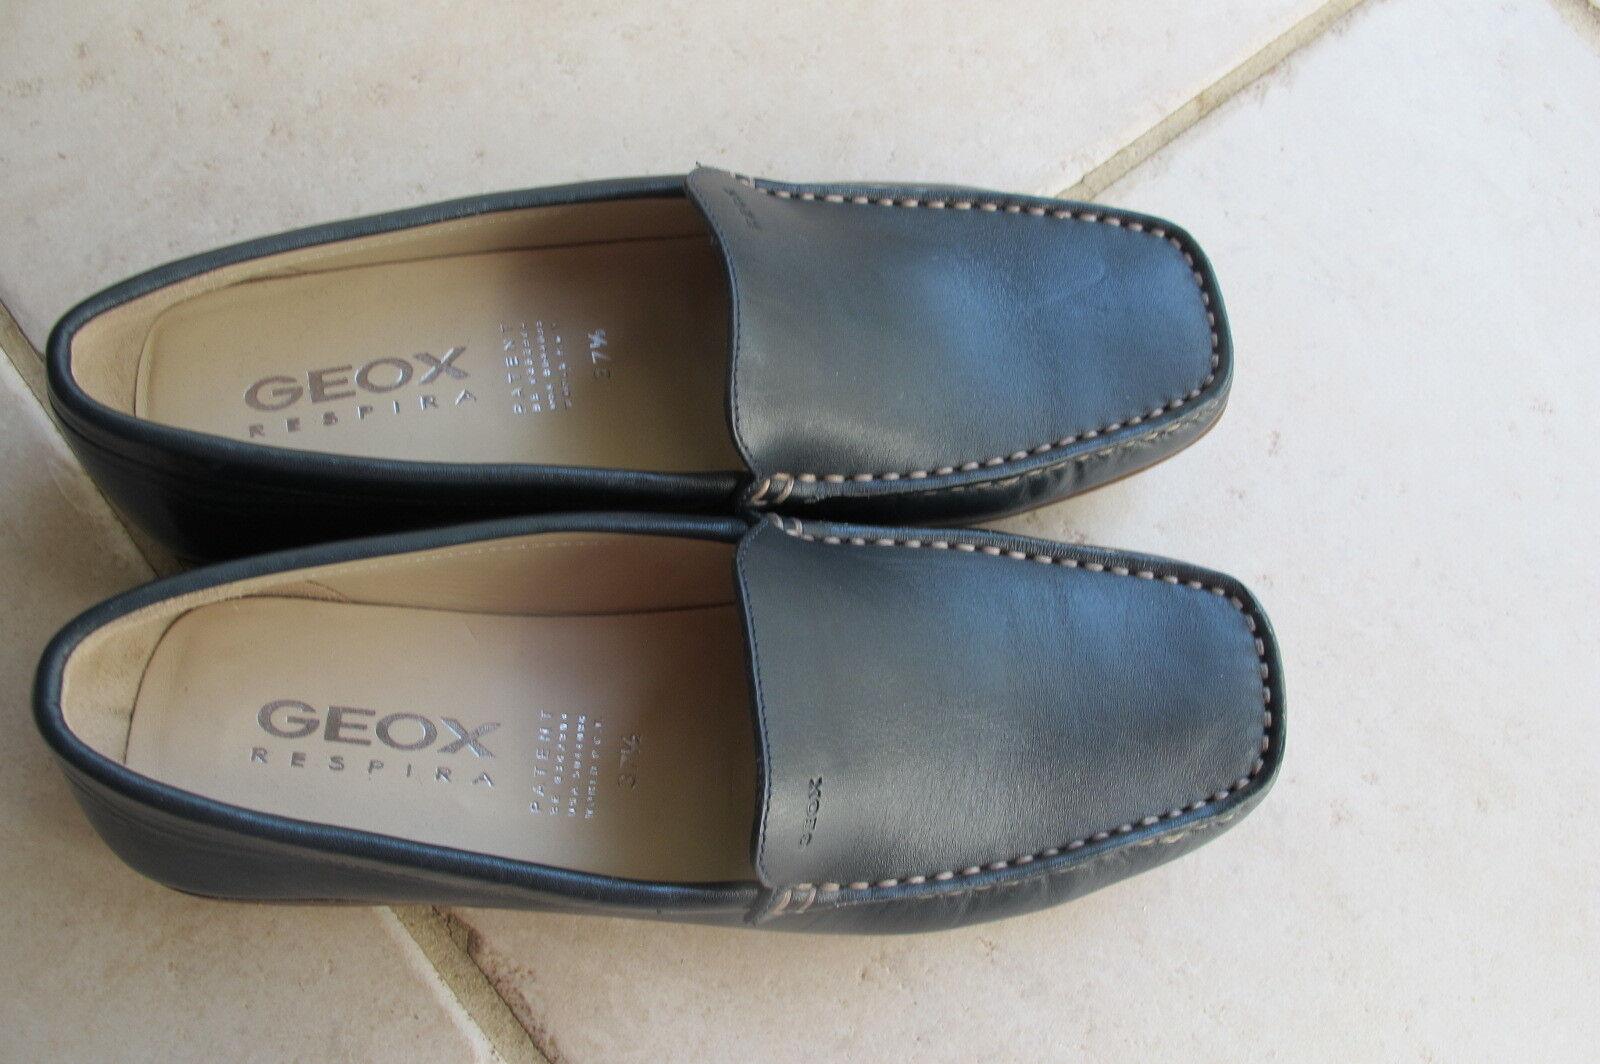 Geox Damenschuhe Respira Navy Blau New. Leder Loafer.Größe 37.5. New. Blau 519c28